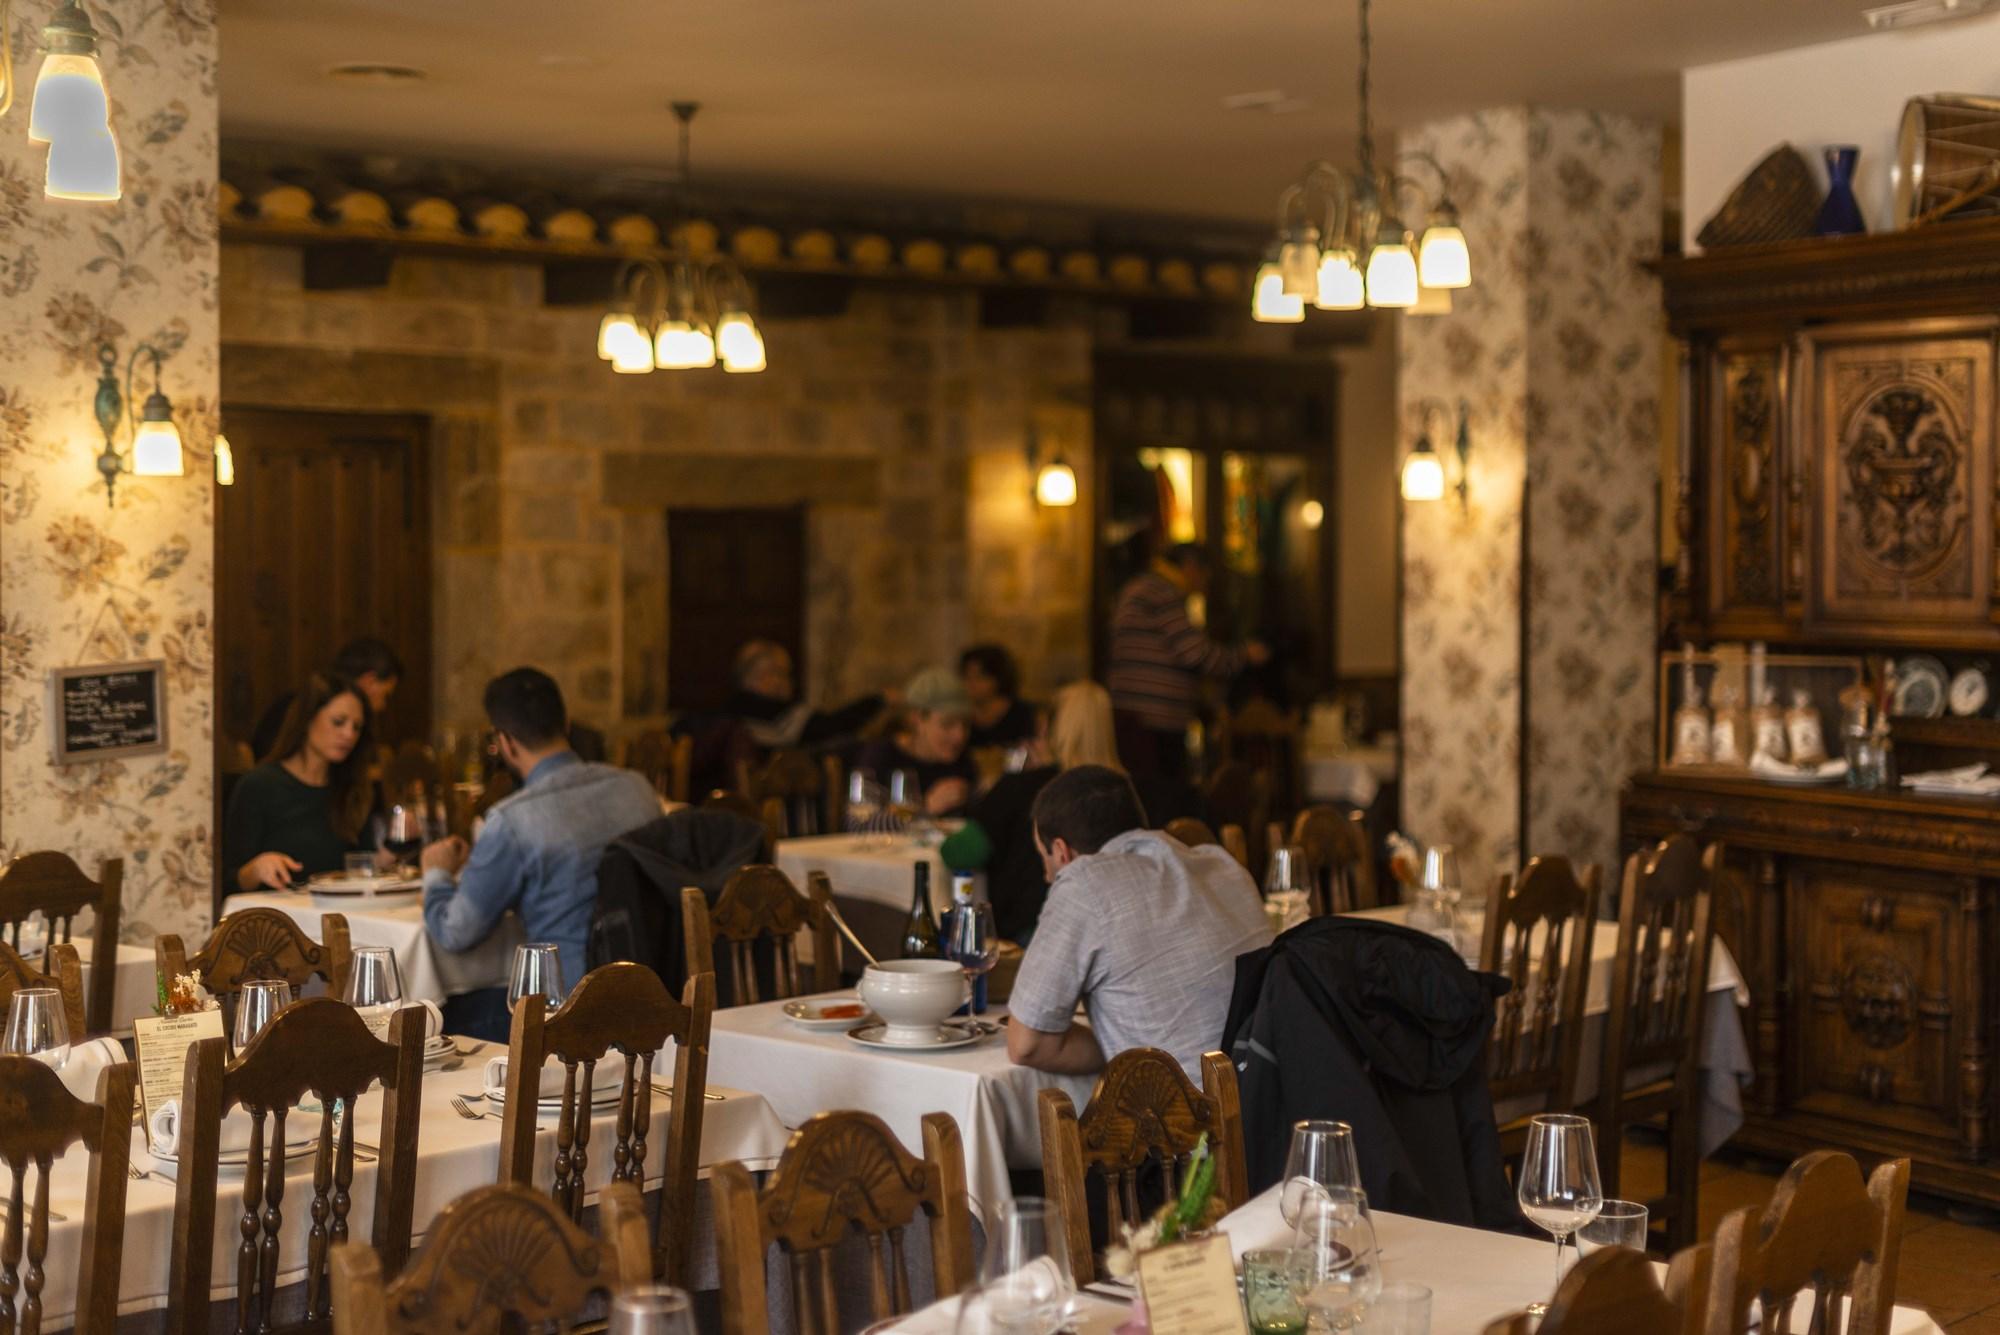 El comedor al inicio de un día de diario en Astorga.